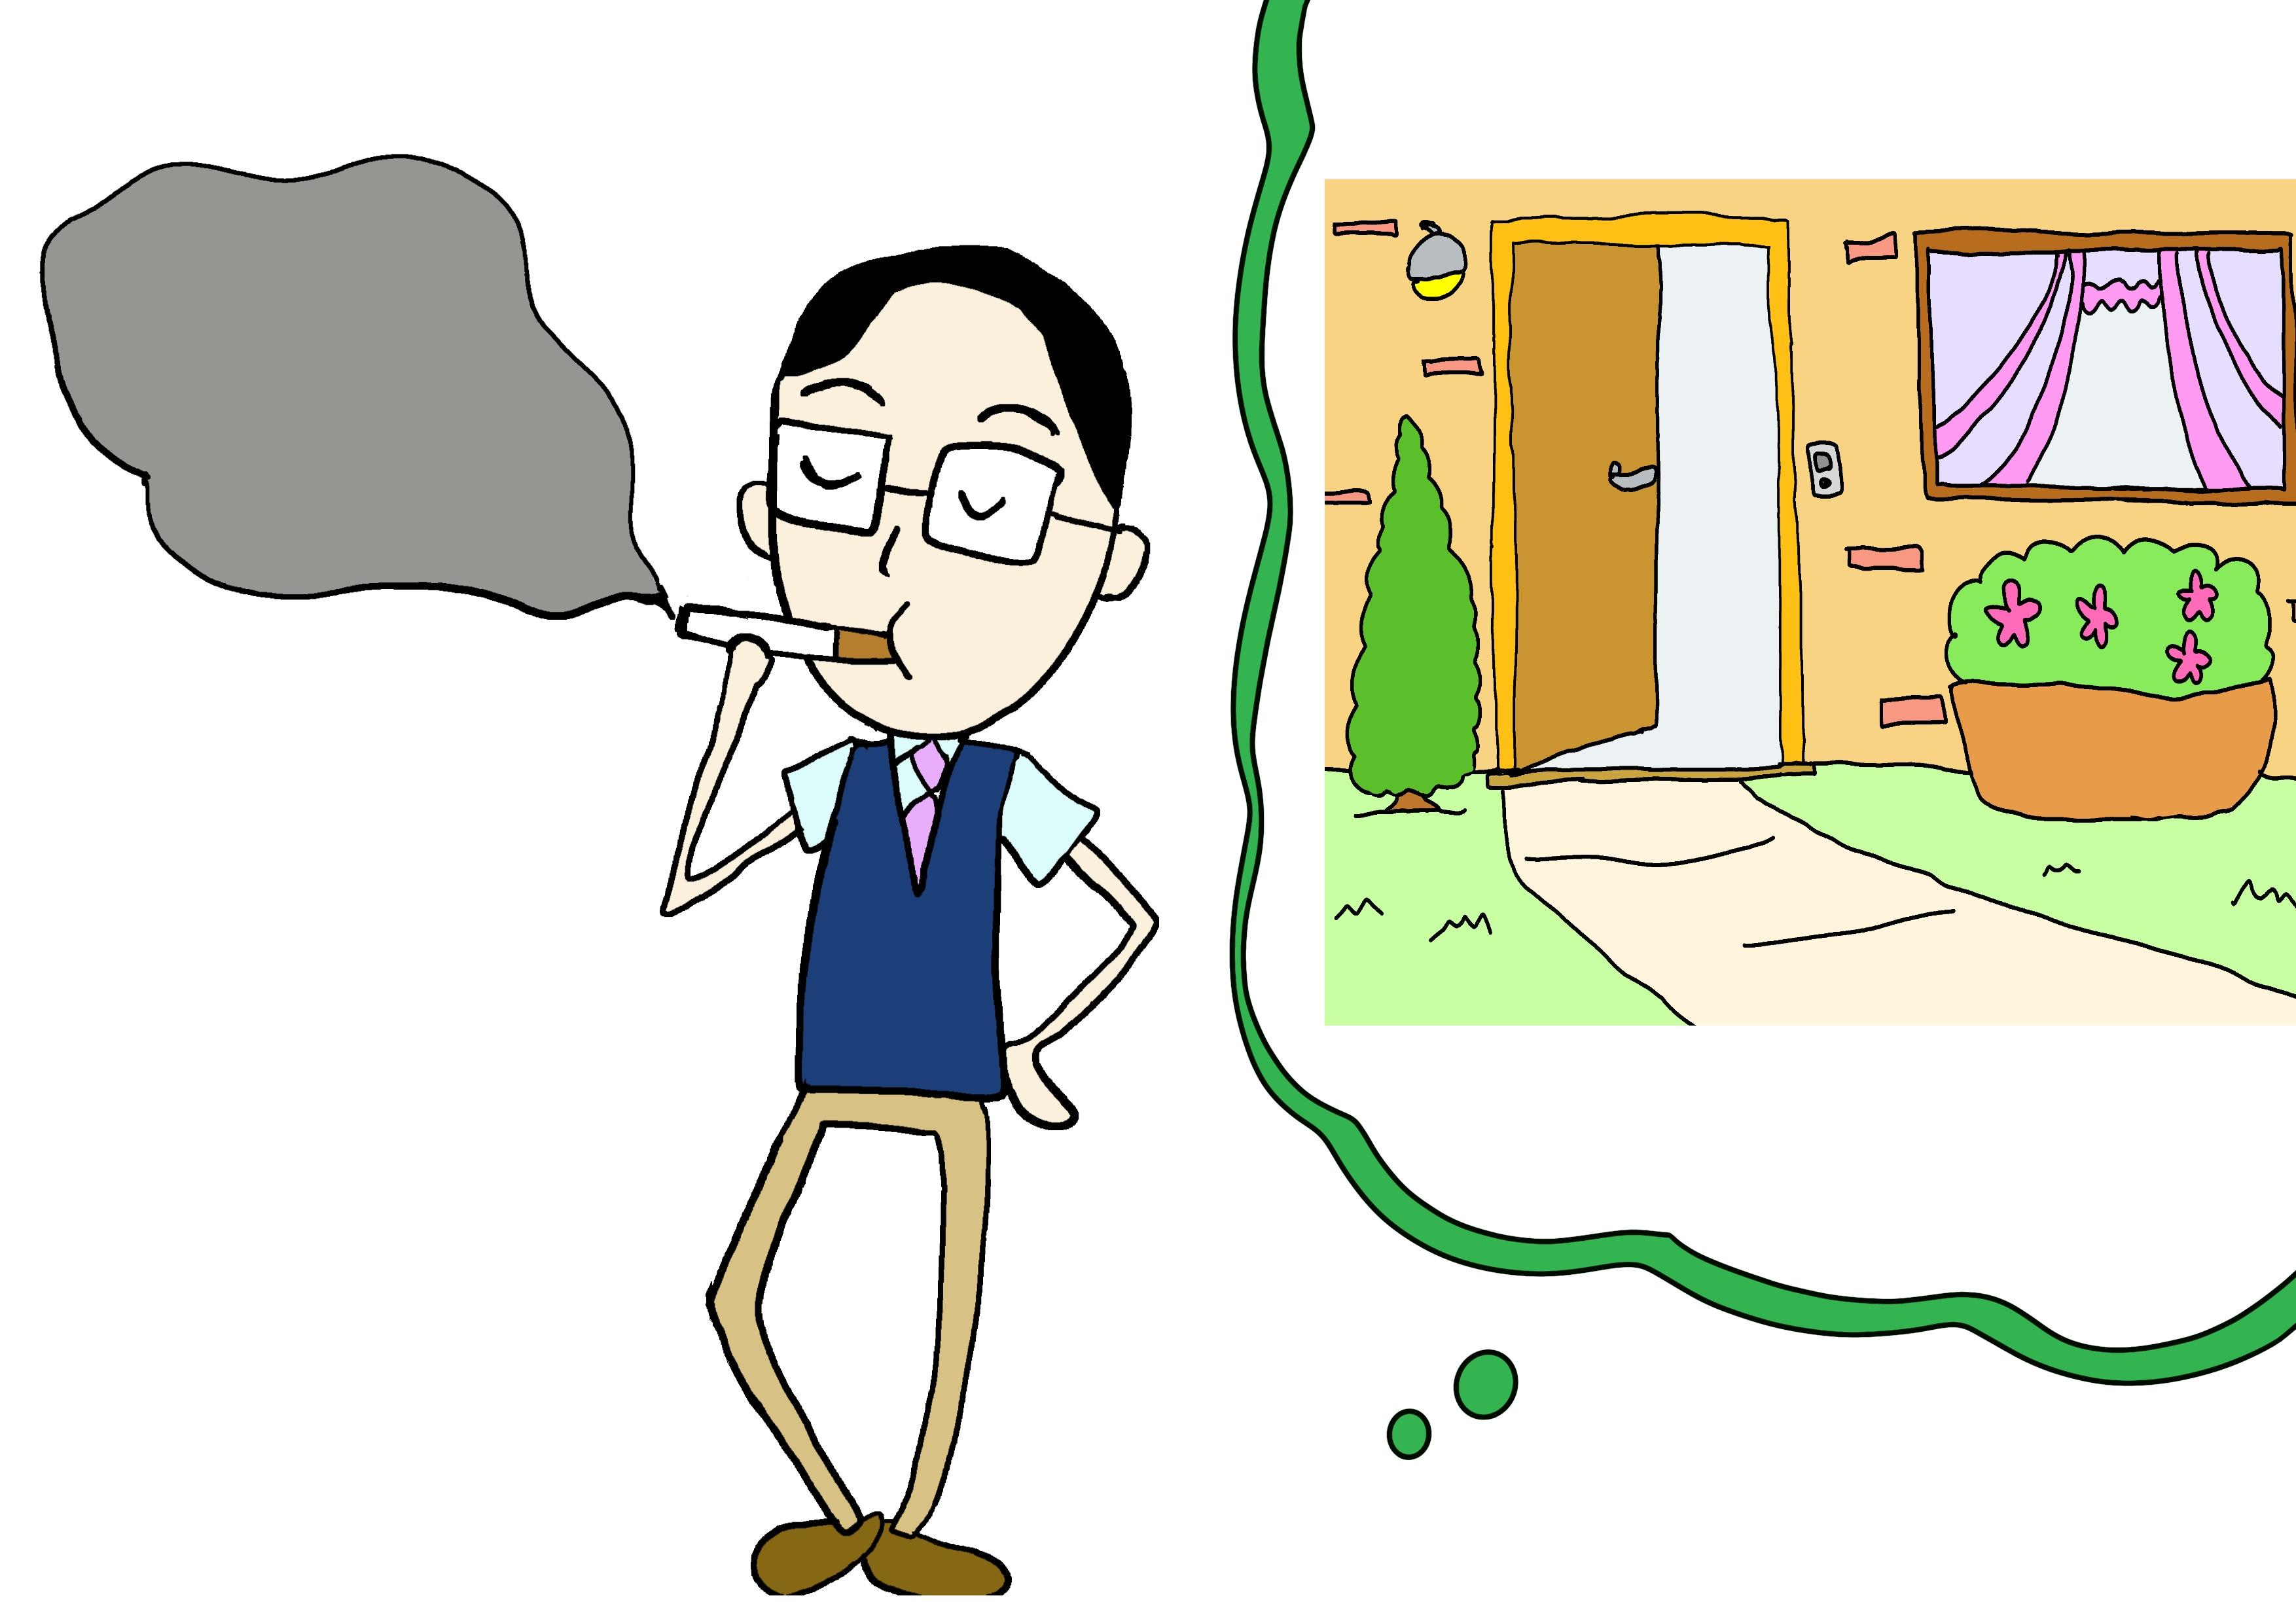 6課イラスト【庭でたばこを吸う】